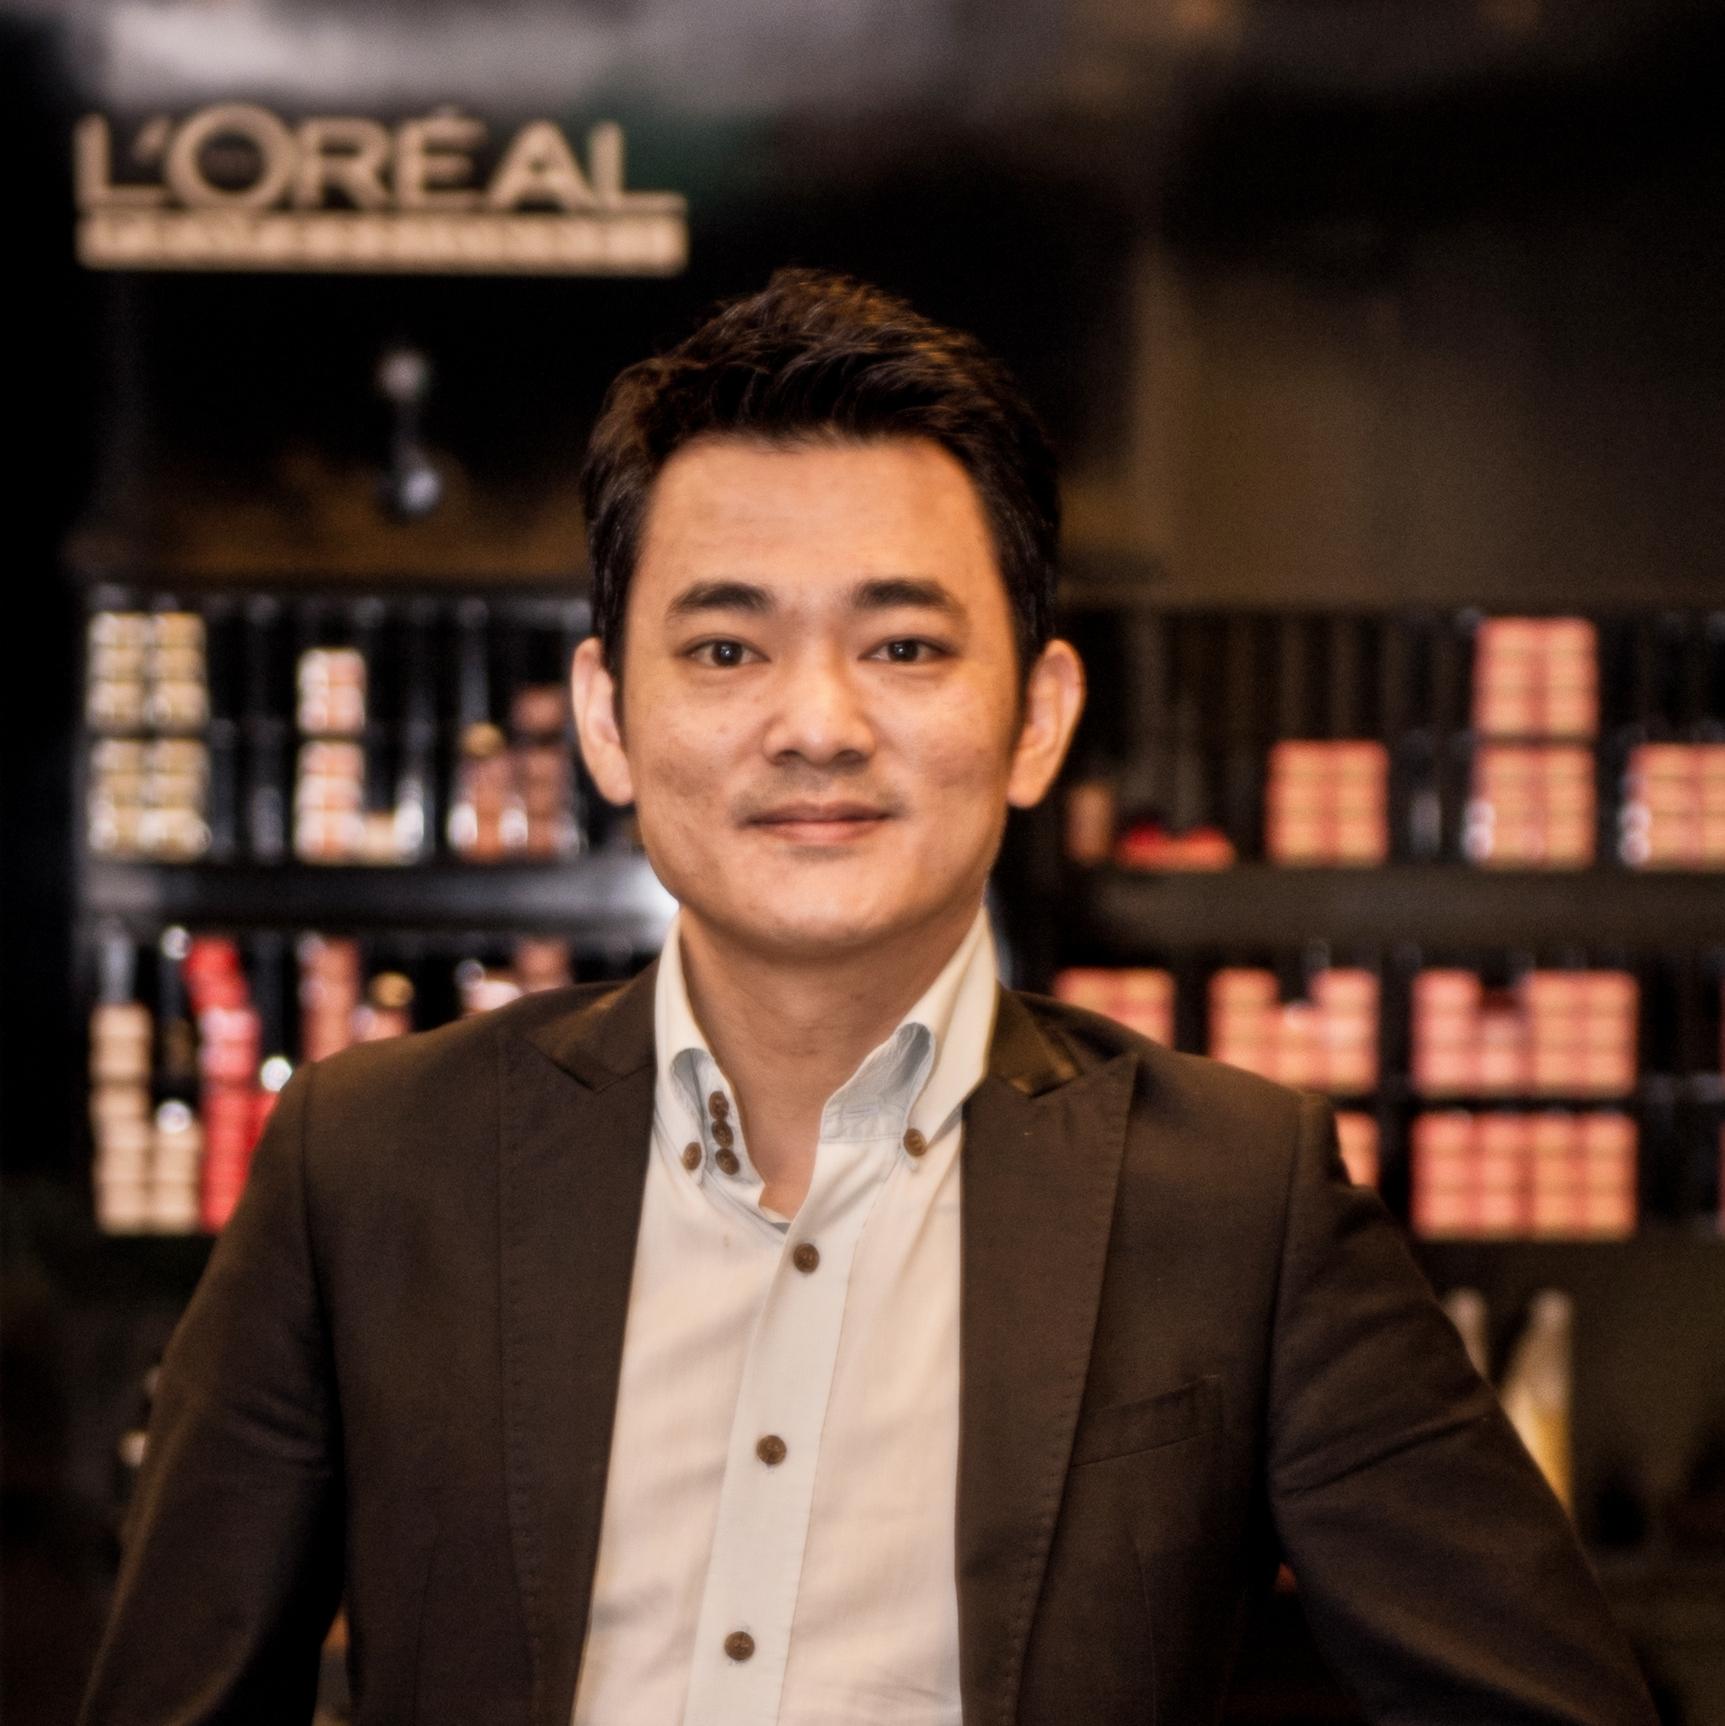 Straight perm yahoo answers - Nicky From Zinc Korean Hair Salon